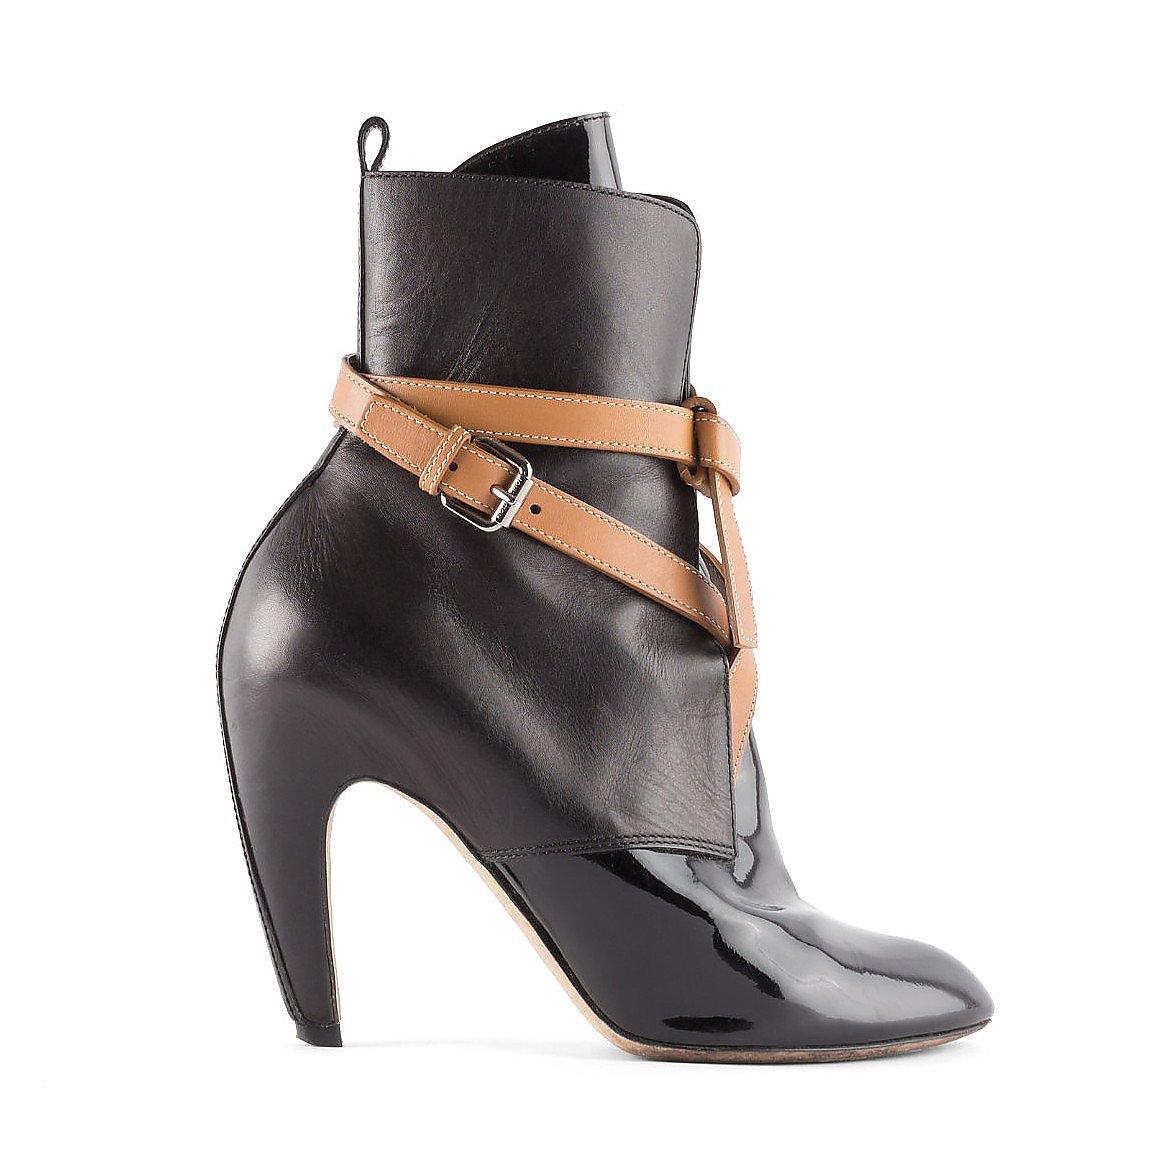 Louis Vuitton Strap-Detail Ankle Boots